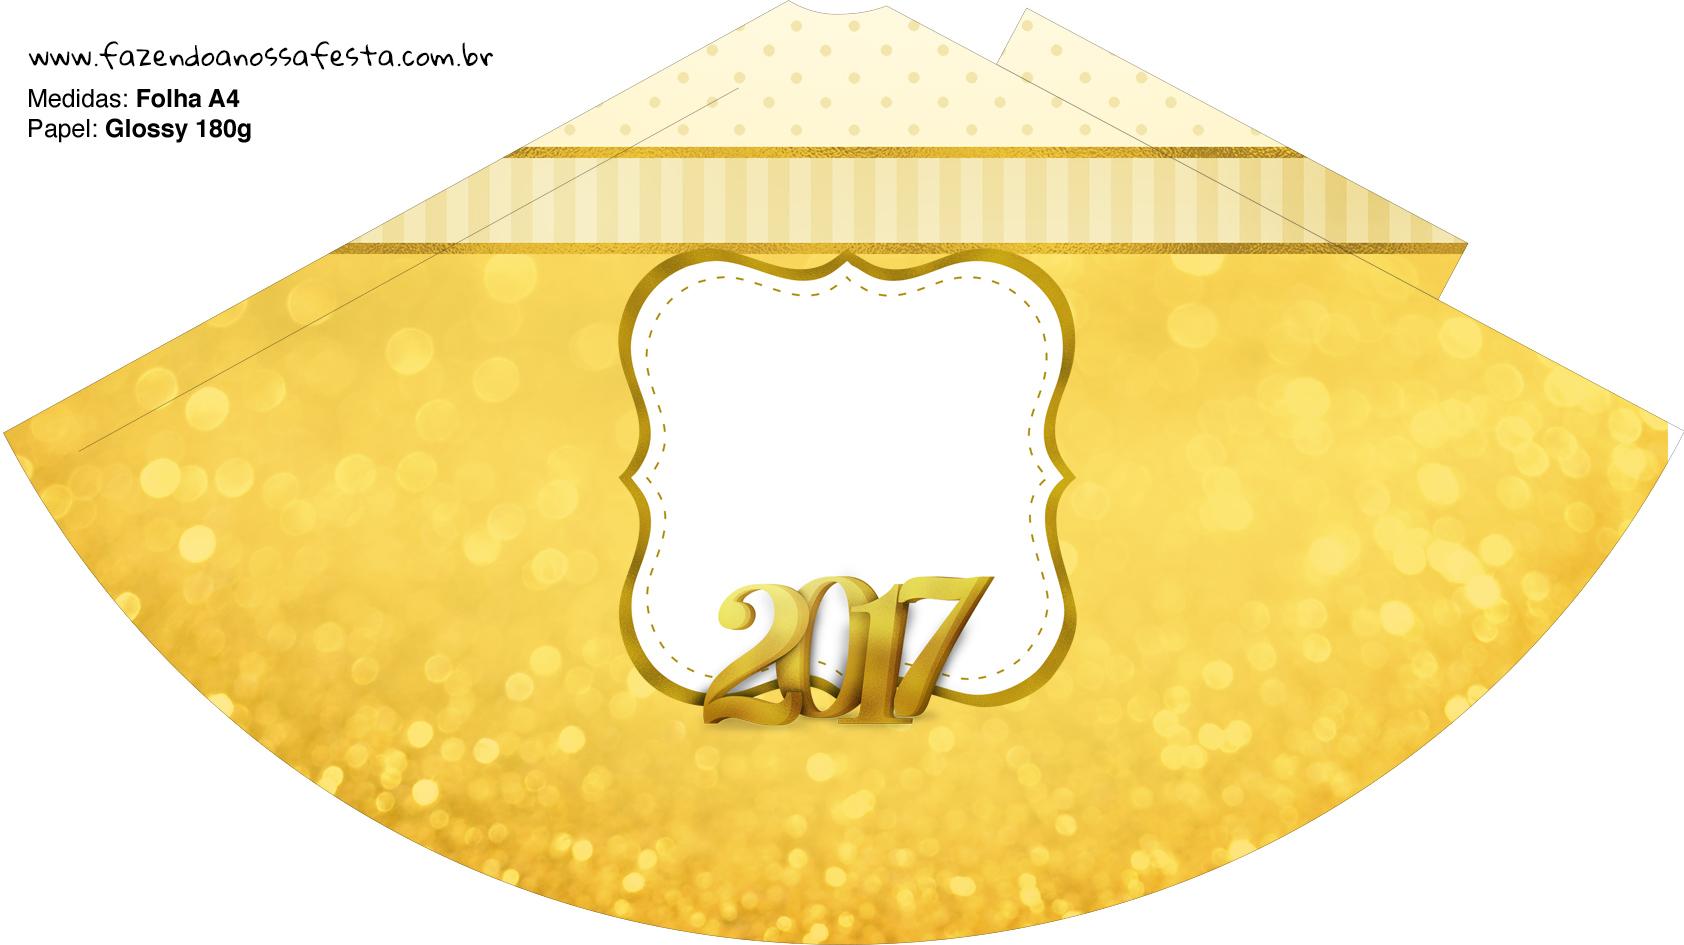 Chapeuzinho de festa Ano Novo 2017